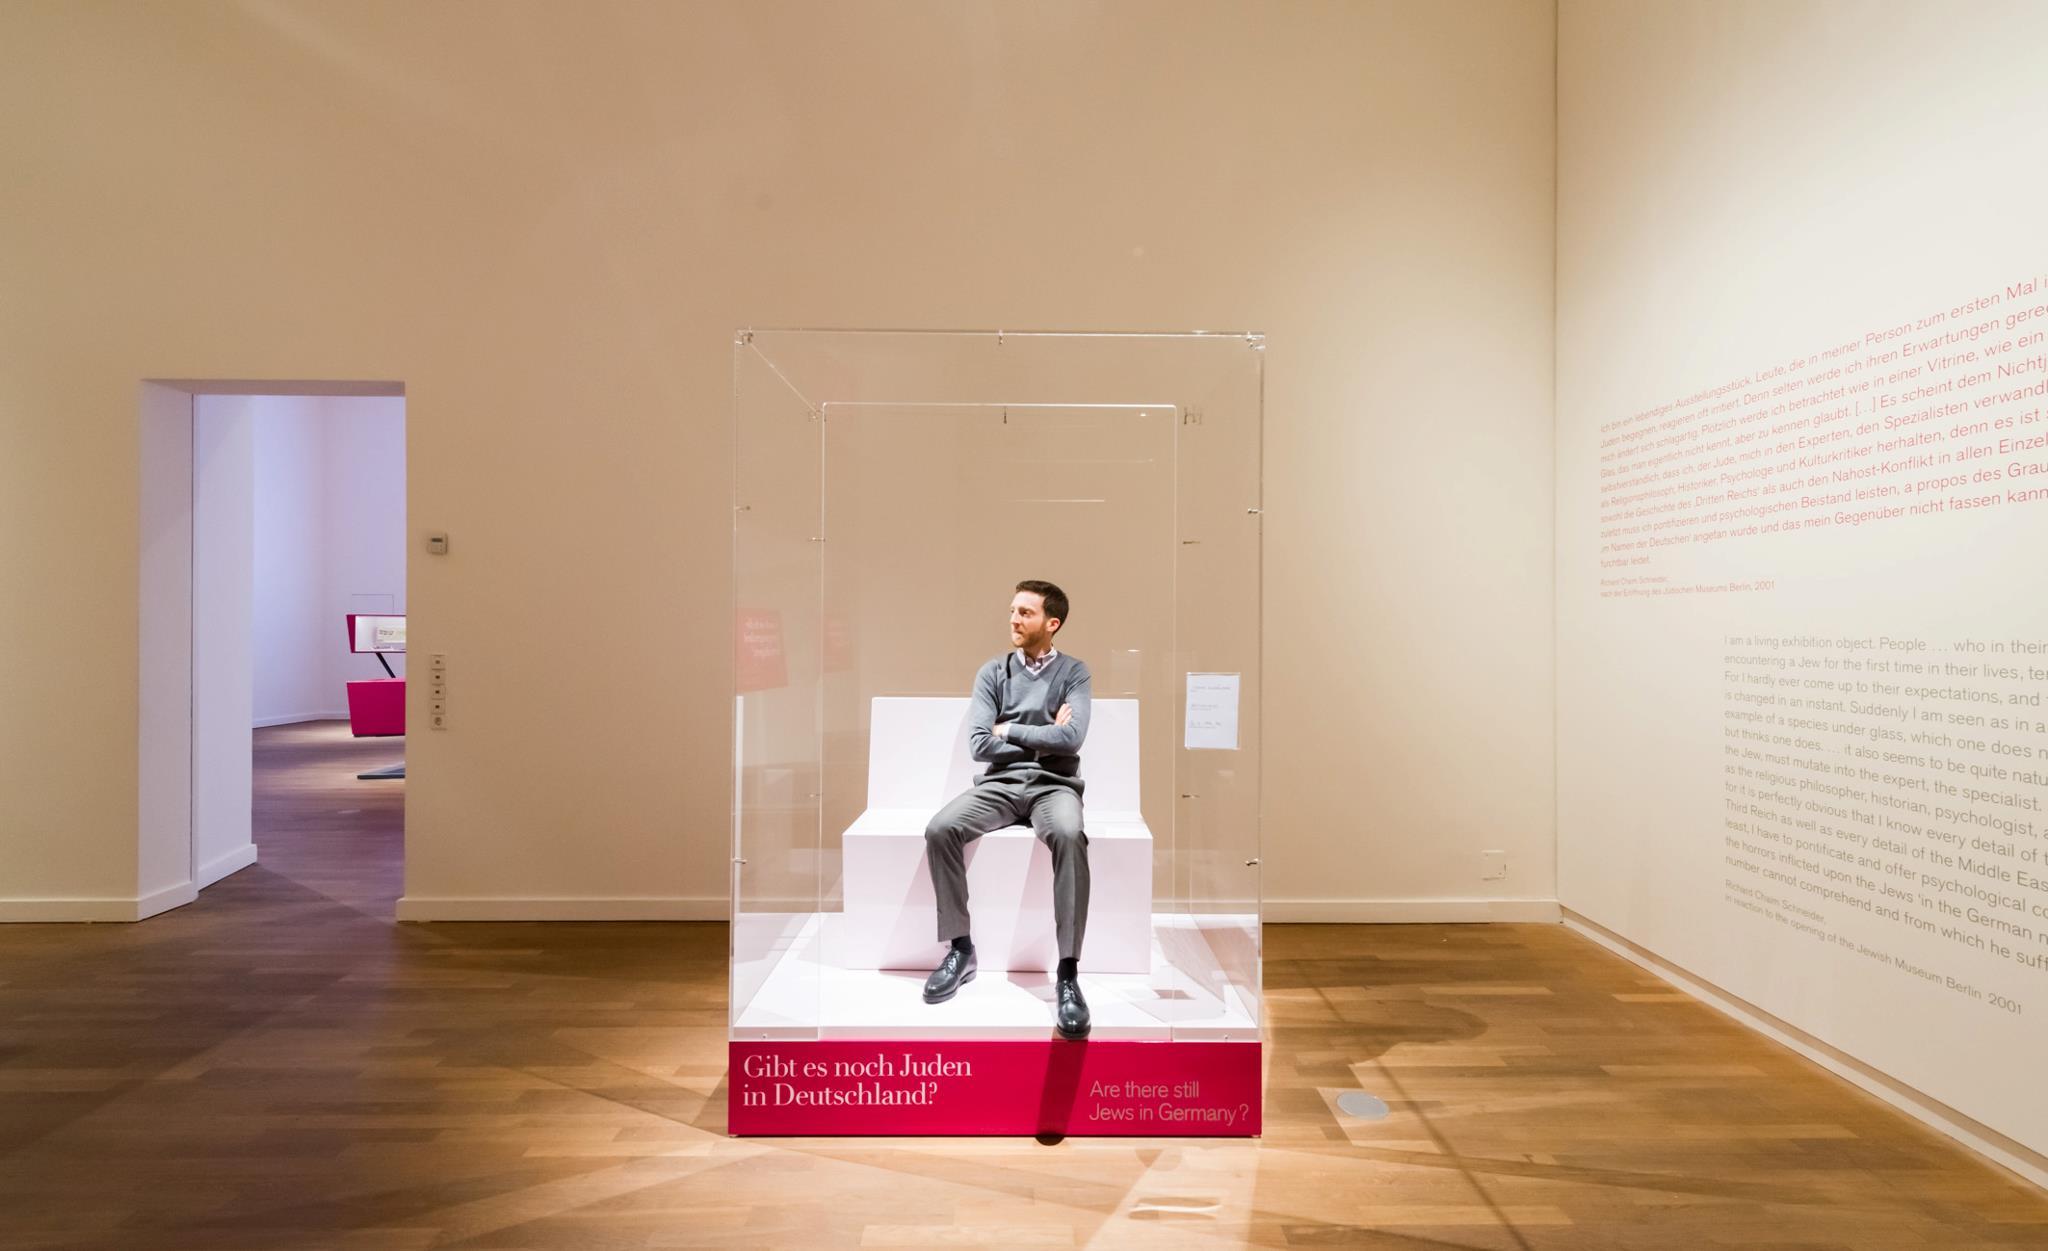 © Jüdisches Museum Berlin